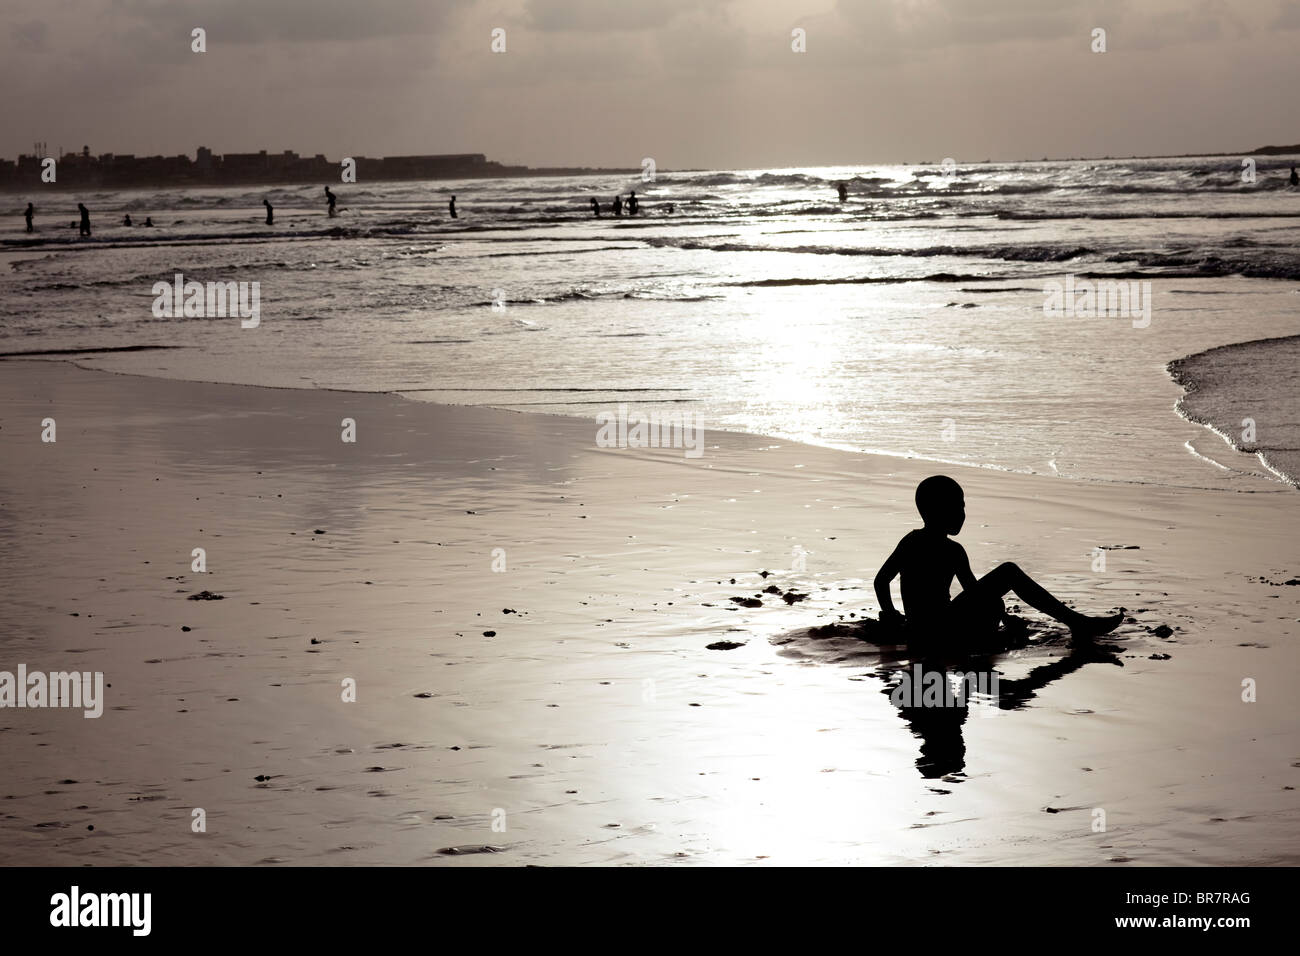 La playa y el estilo de vida isleño, Dakar, Senegal, África Imagen De Stock